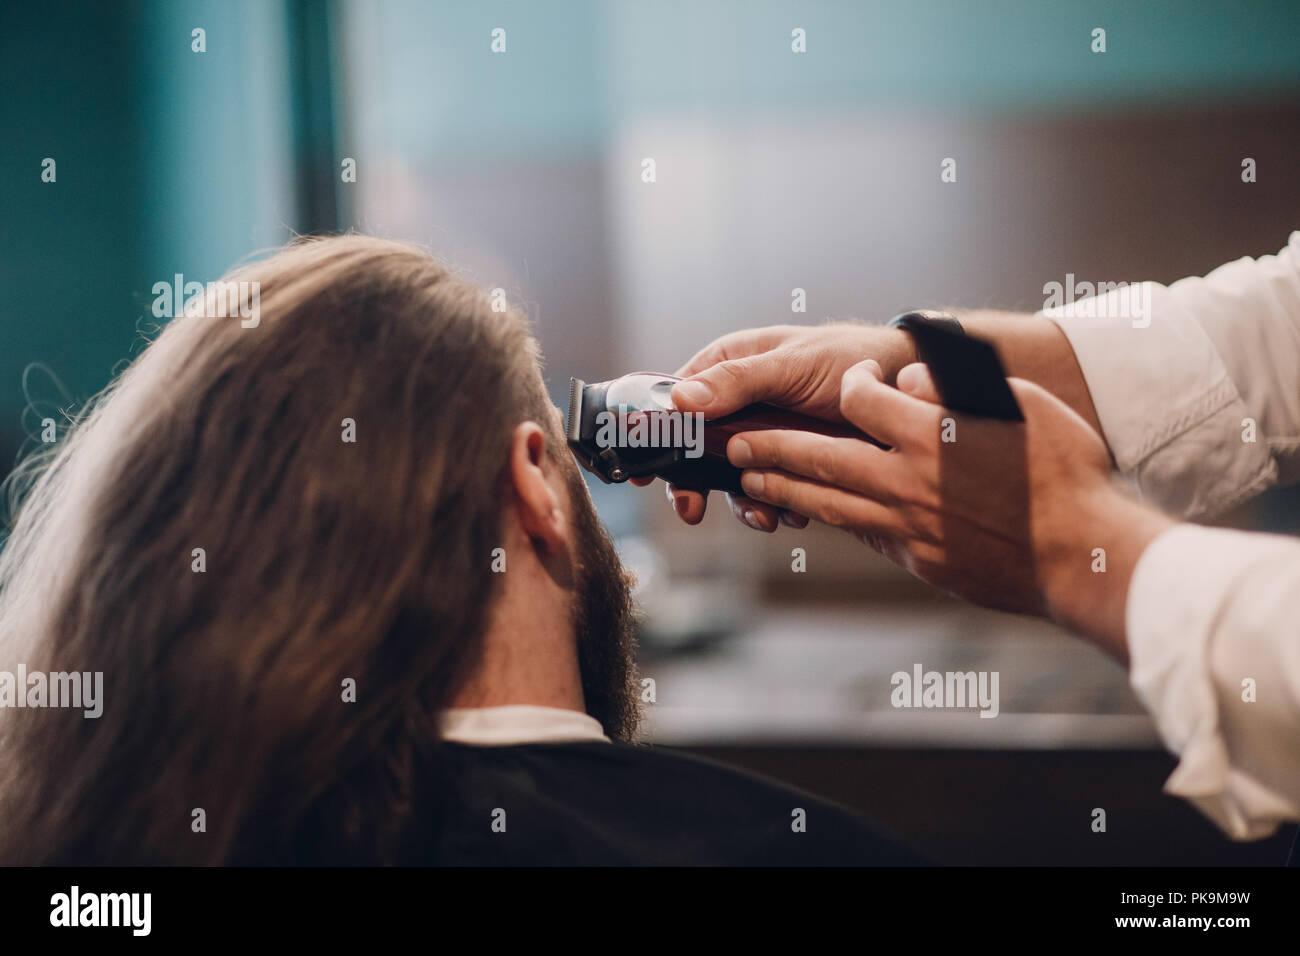 Peluquería hace hombre de peinado. Modelo barbudo hombre y Barber mano. Imagen De Stock